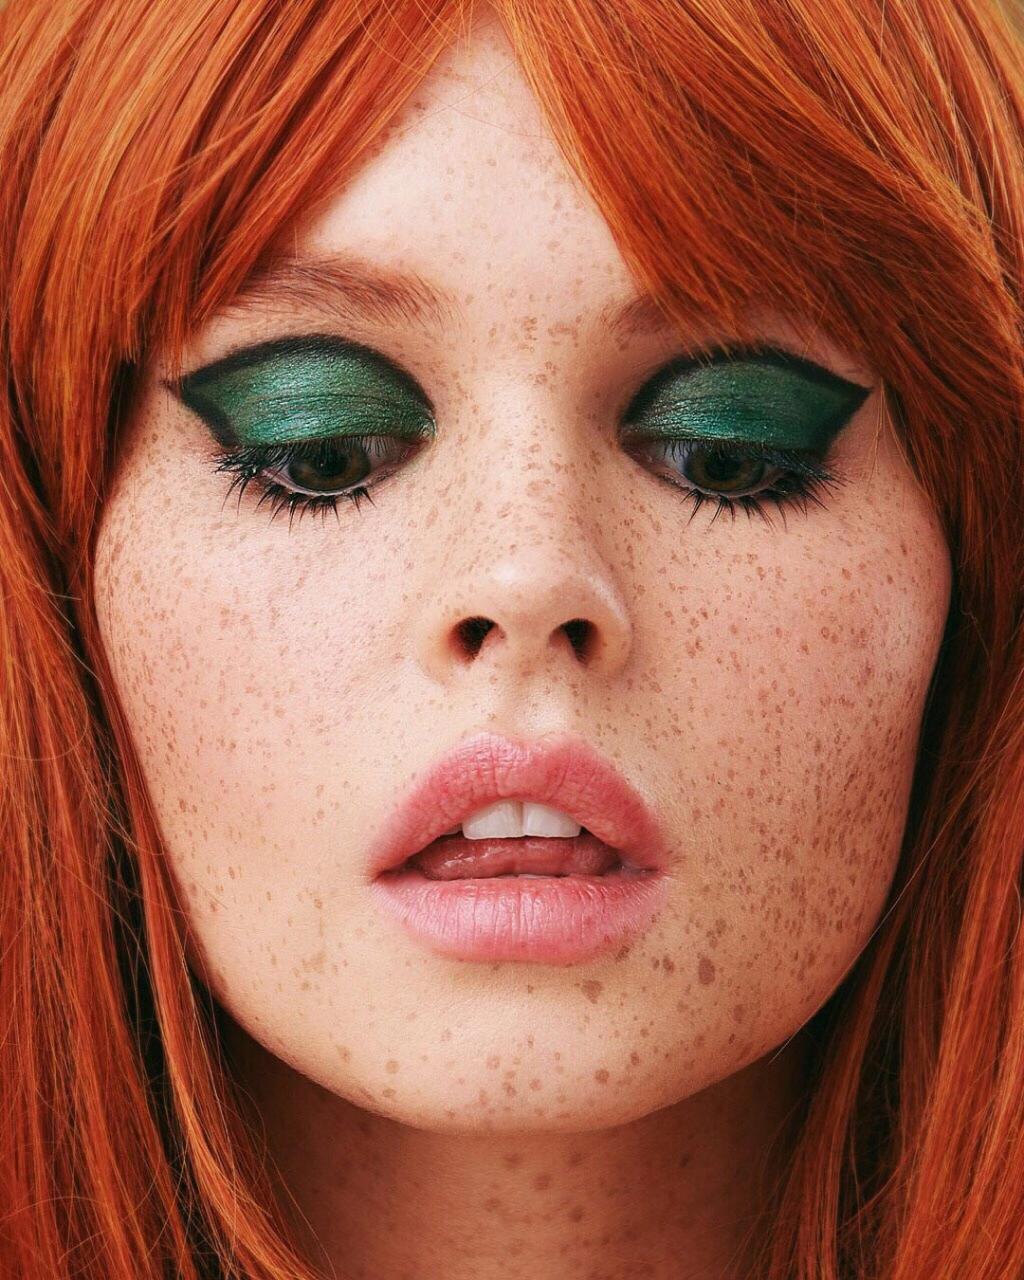 俄罗斯摄影师Kseniya Vetrova人像作品 雀斑女孩特写镜头 审美灵感 第9张